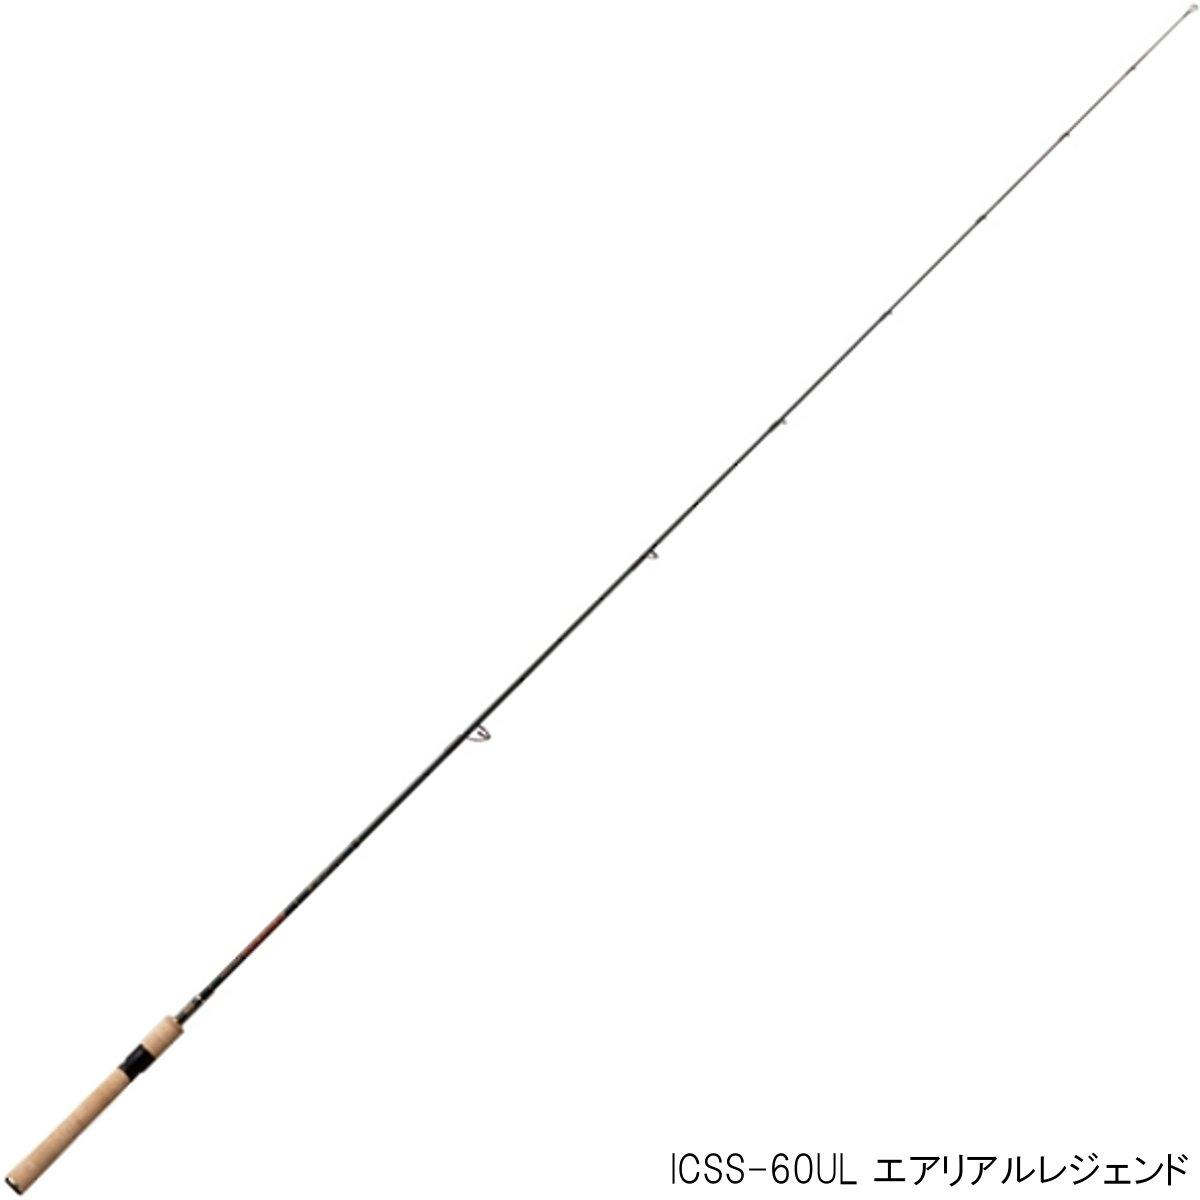 エバーグリーン(EVERGREEN) インスパイア ICSS-60UL エアリアルレジェンド【大型商品】